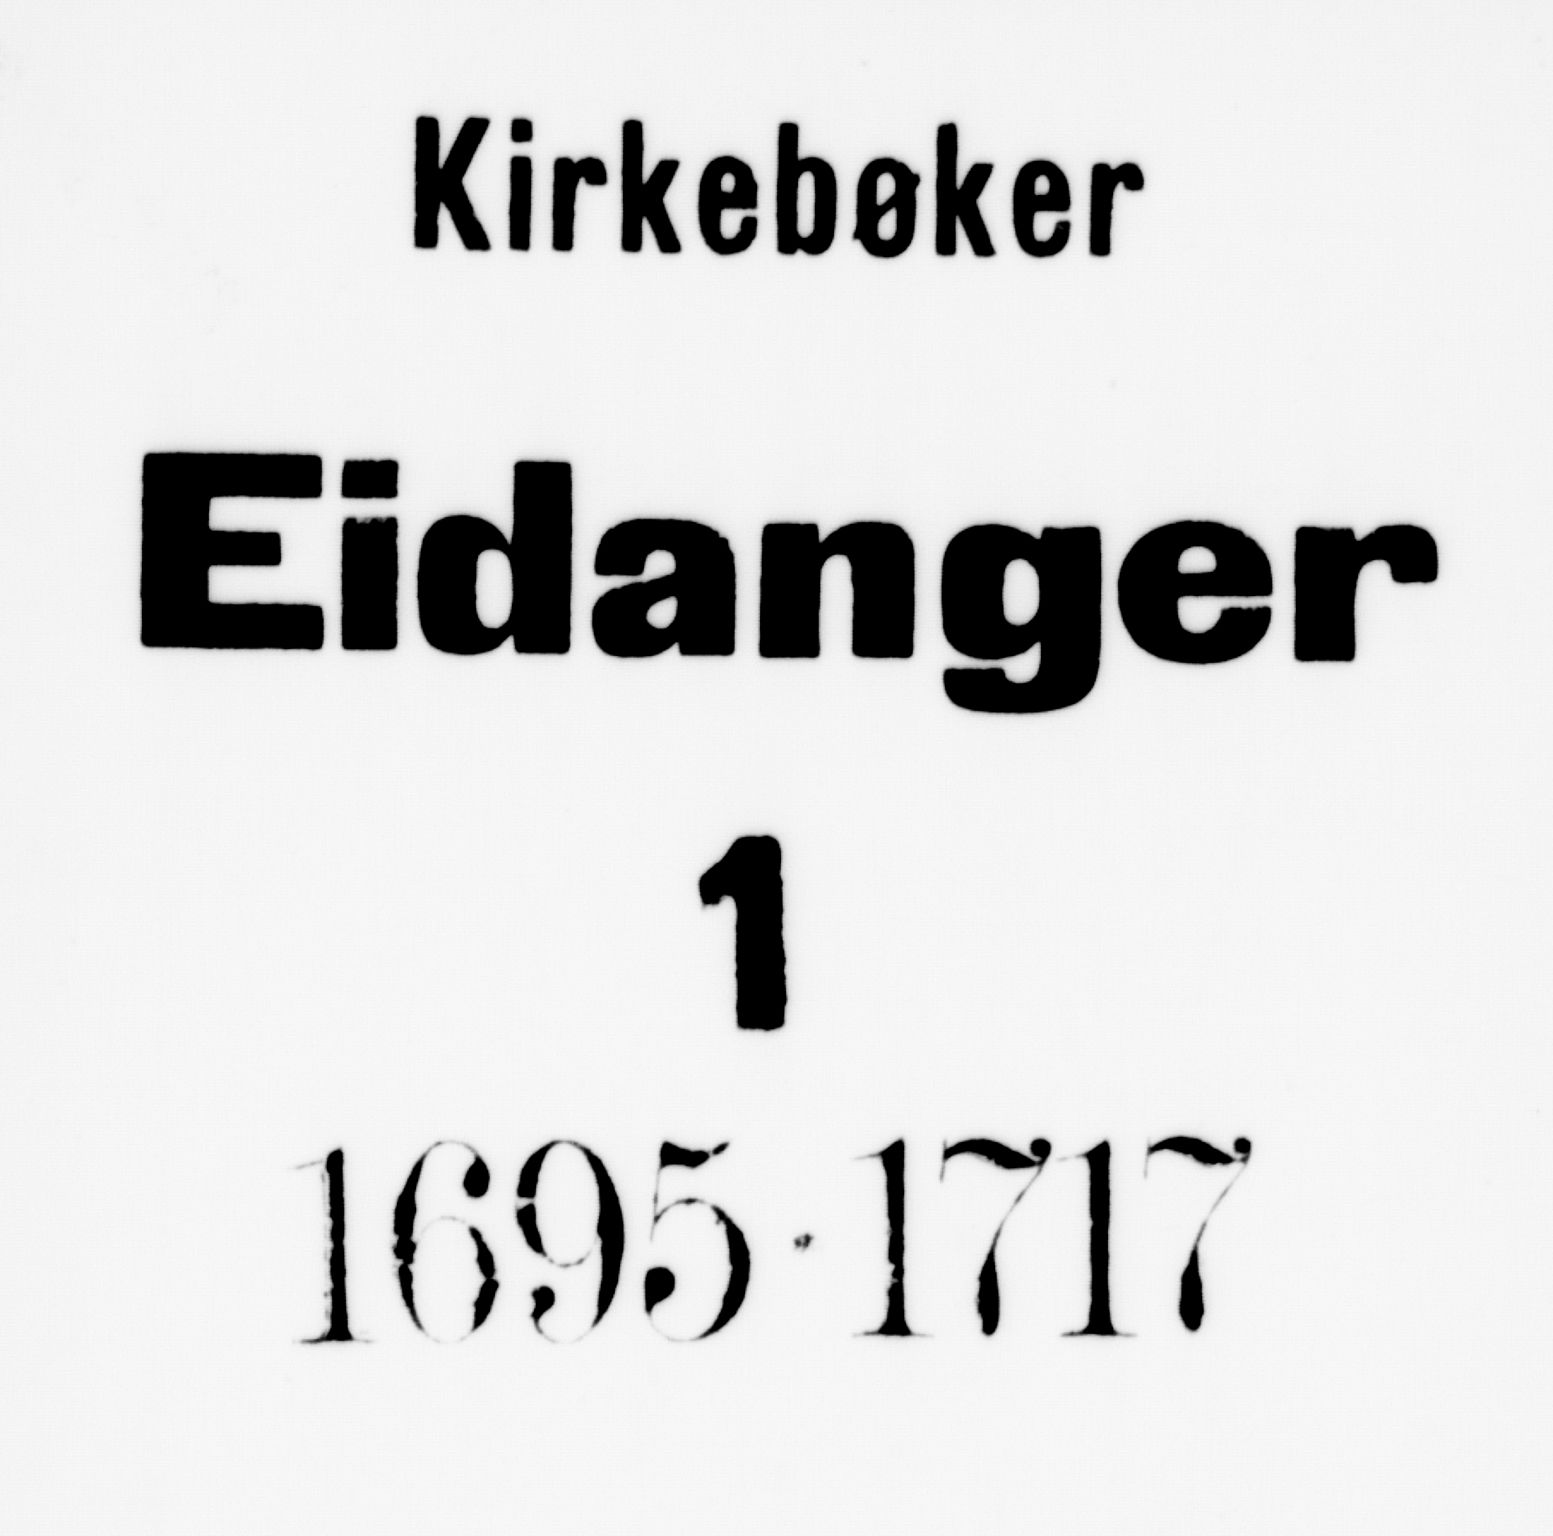 SAKO, Eidanger kirkebøker, F/Fa/L0001: Ministerialbok nr. 1, 1695-1717